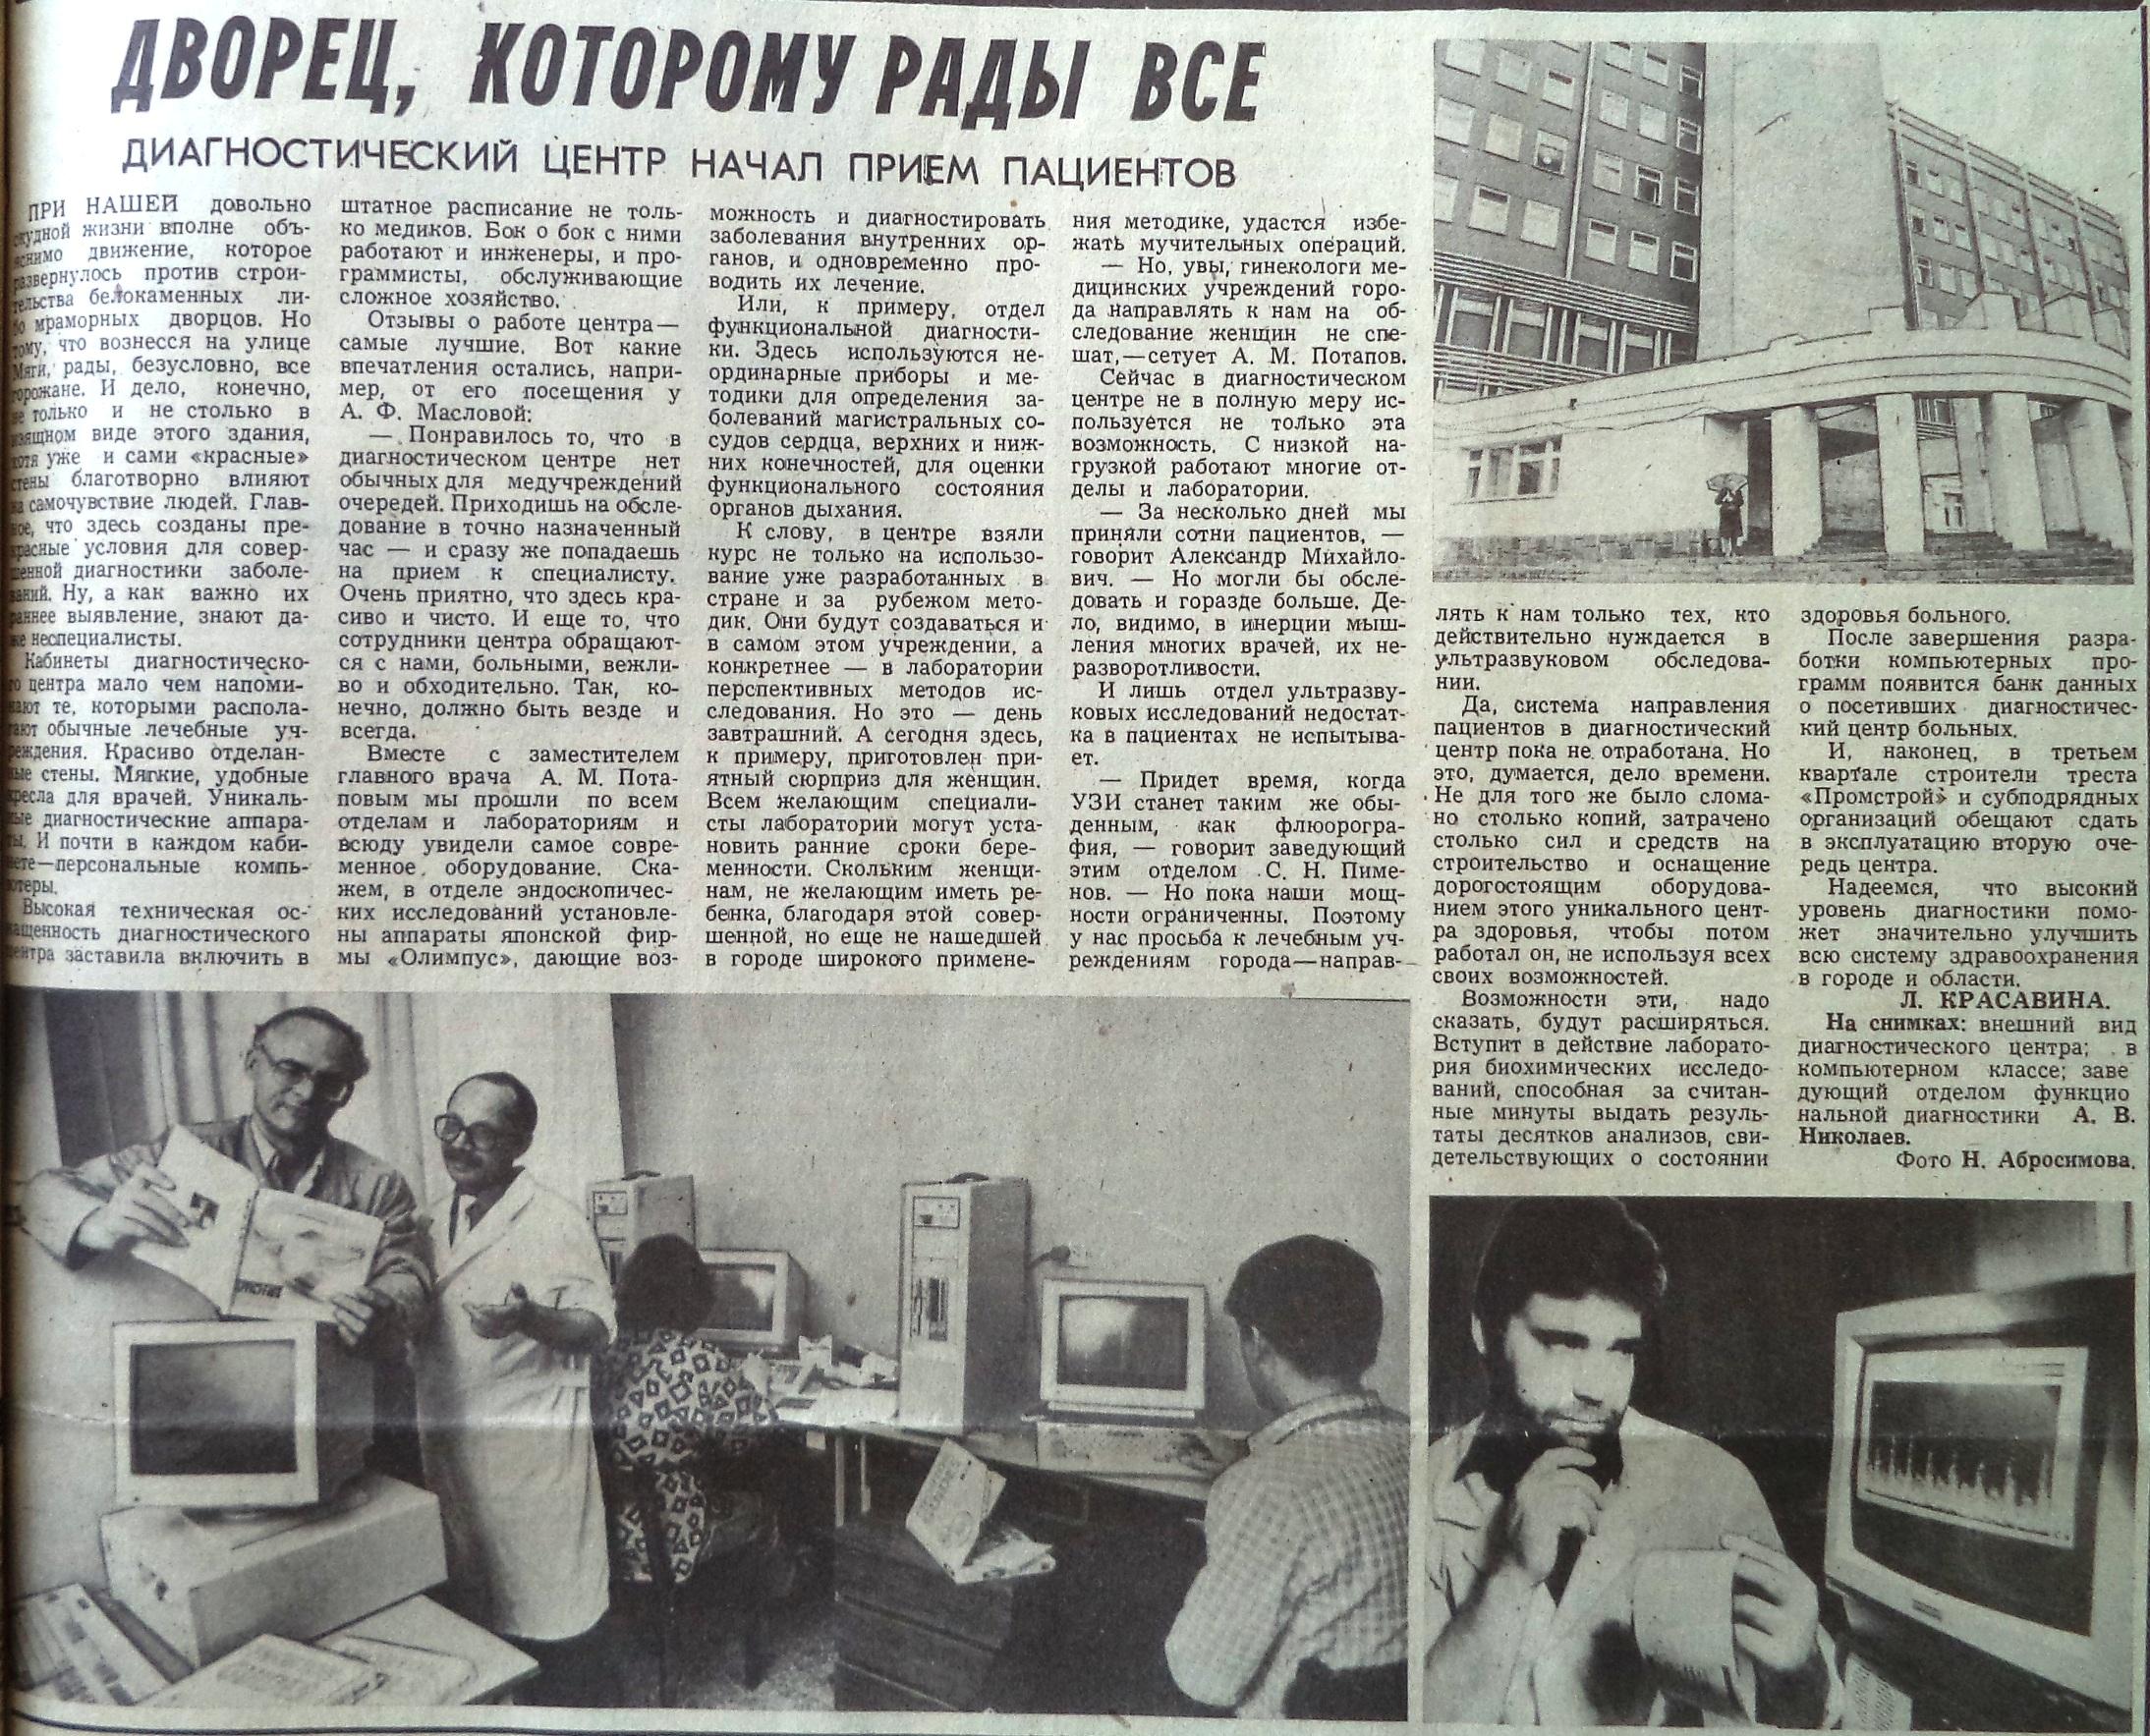 Мяги-ФОТО-34-ВЗя-1990-05-03-нач. работы Диаг. центра на Мяги